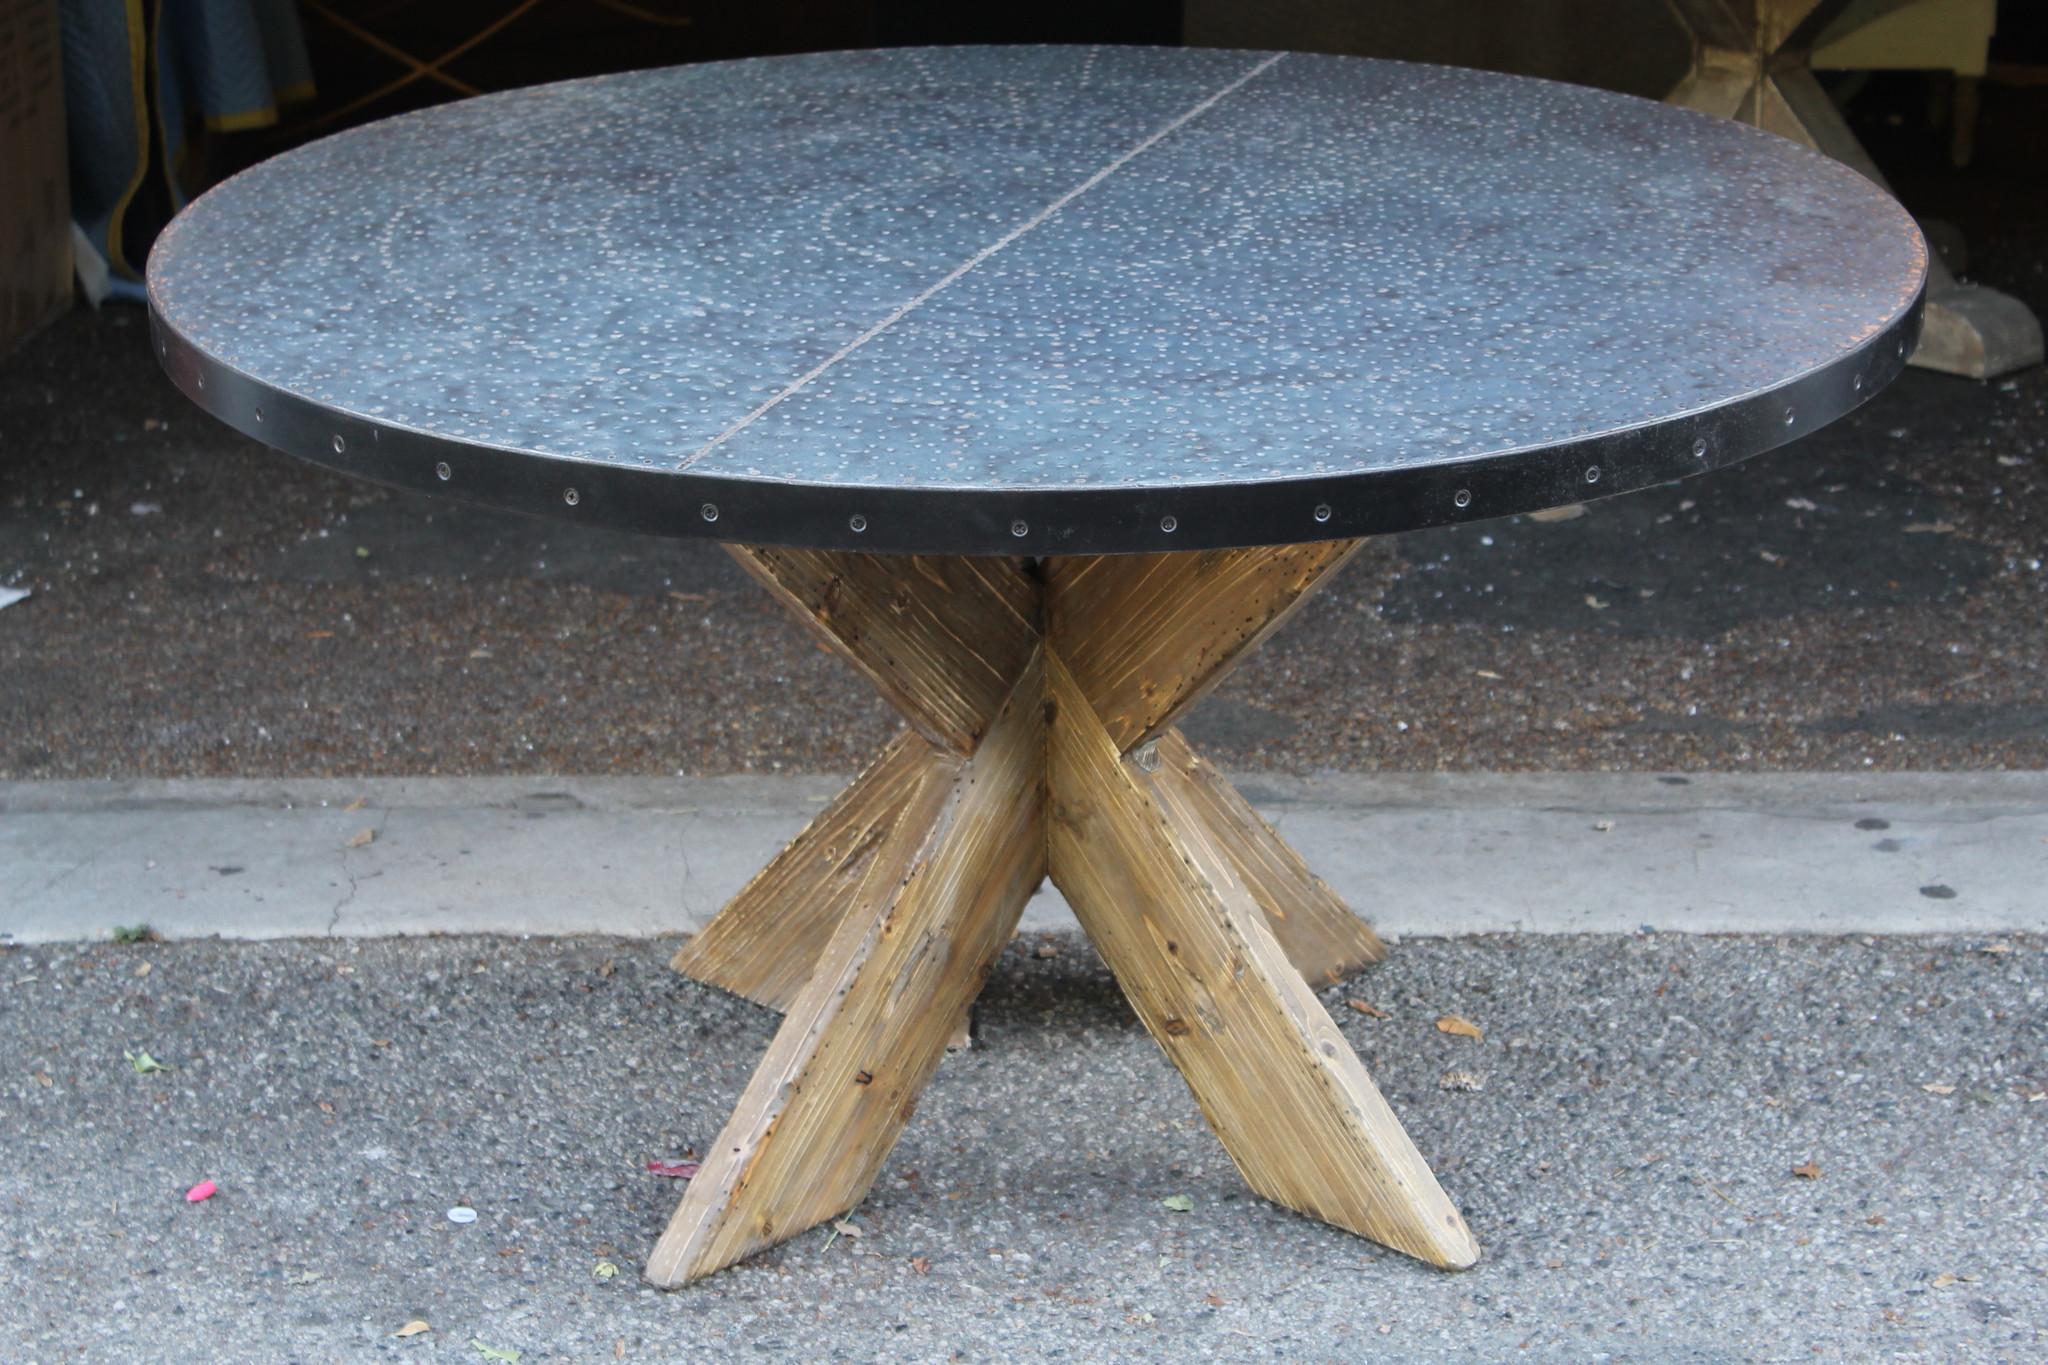 Best Round Zinc Top Round Dining Table 42 Inch Diameter